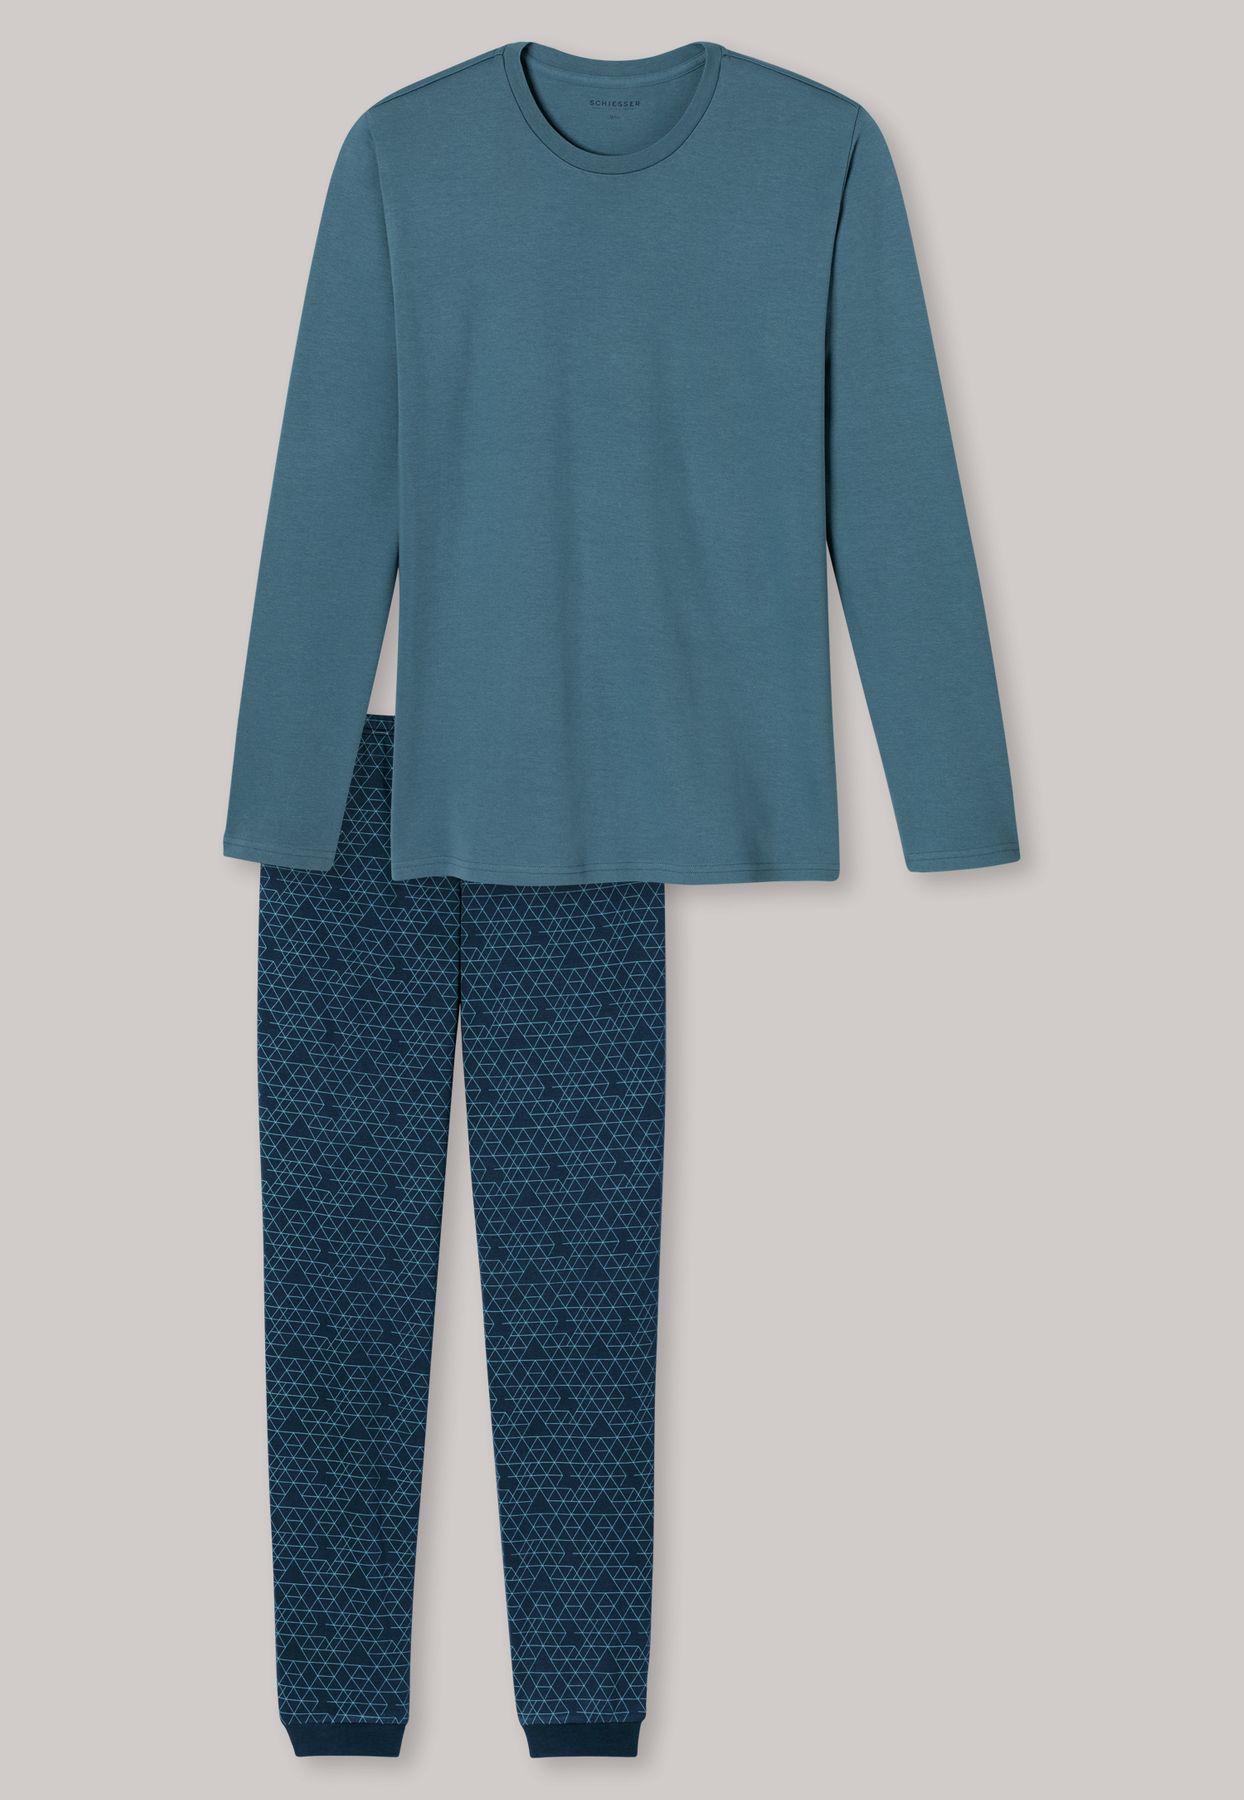 Schiesser - Herren Schlafanzug lang, blaugrün (163799-817) – Bild 4